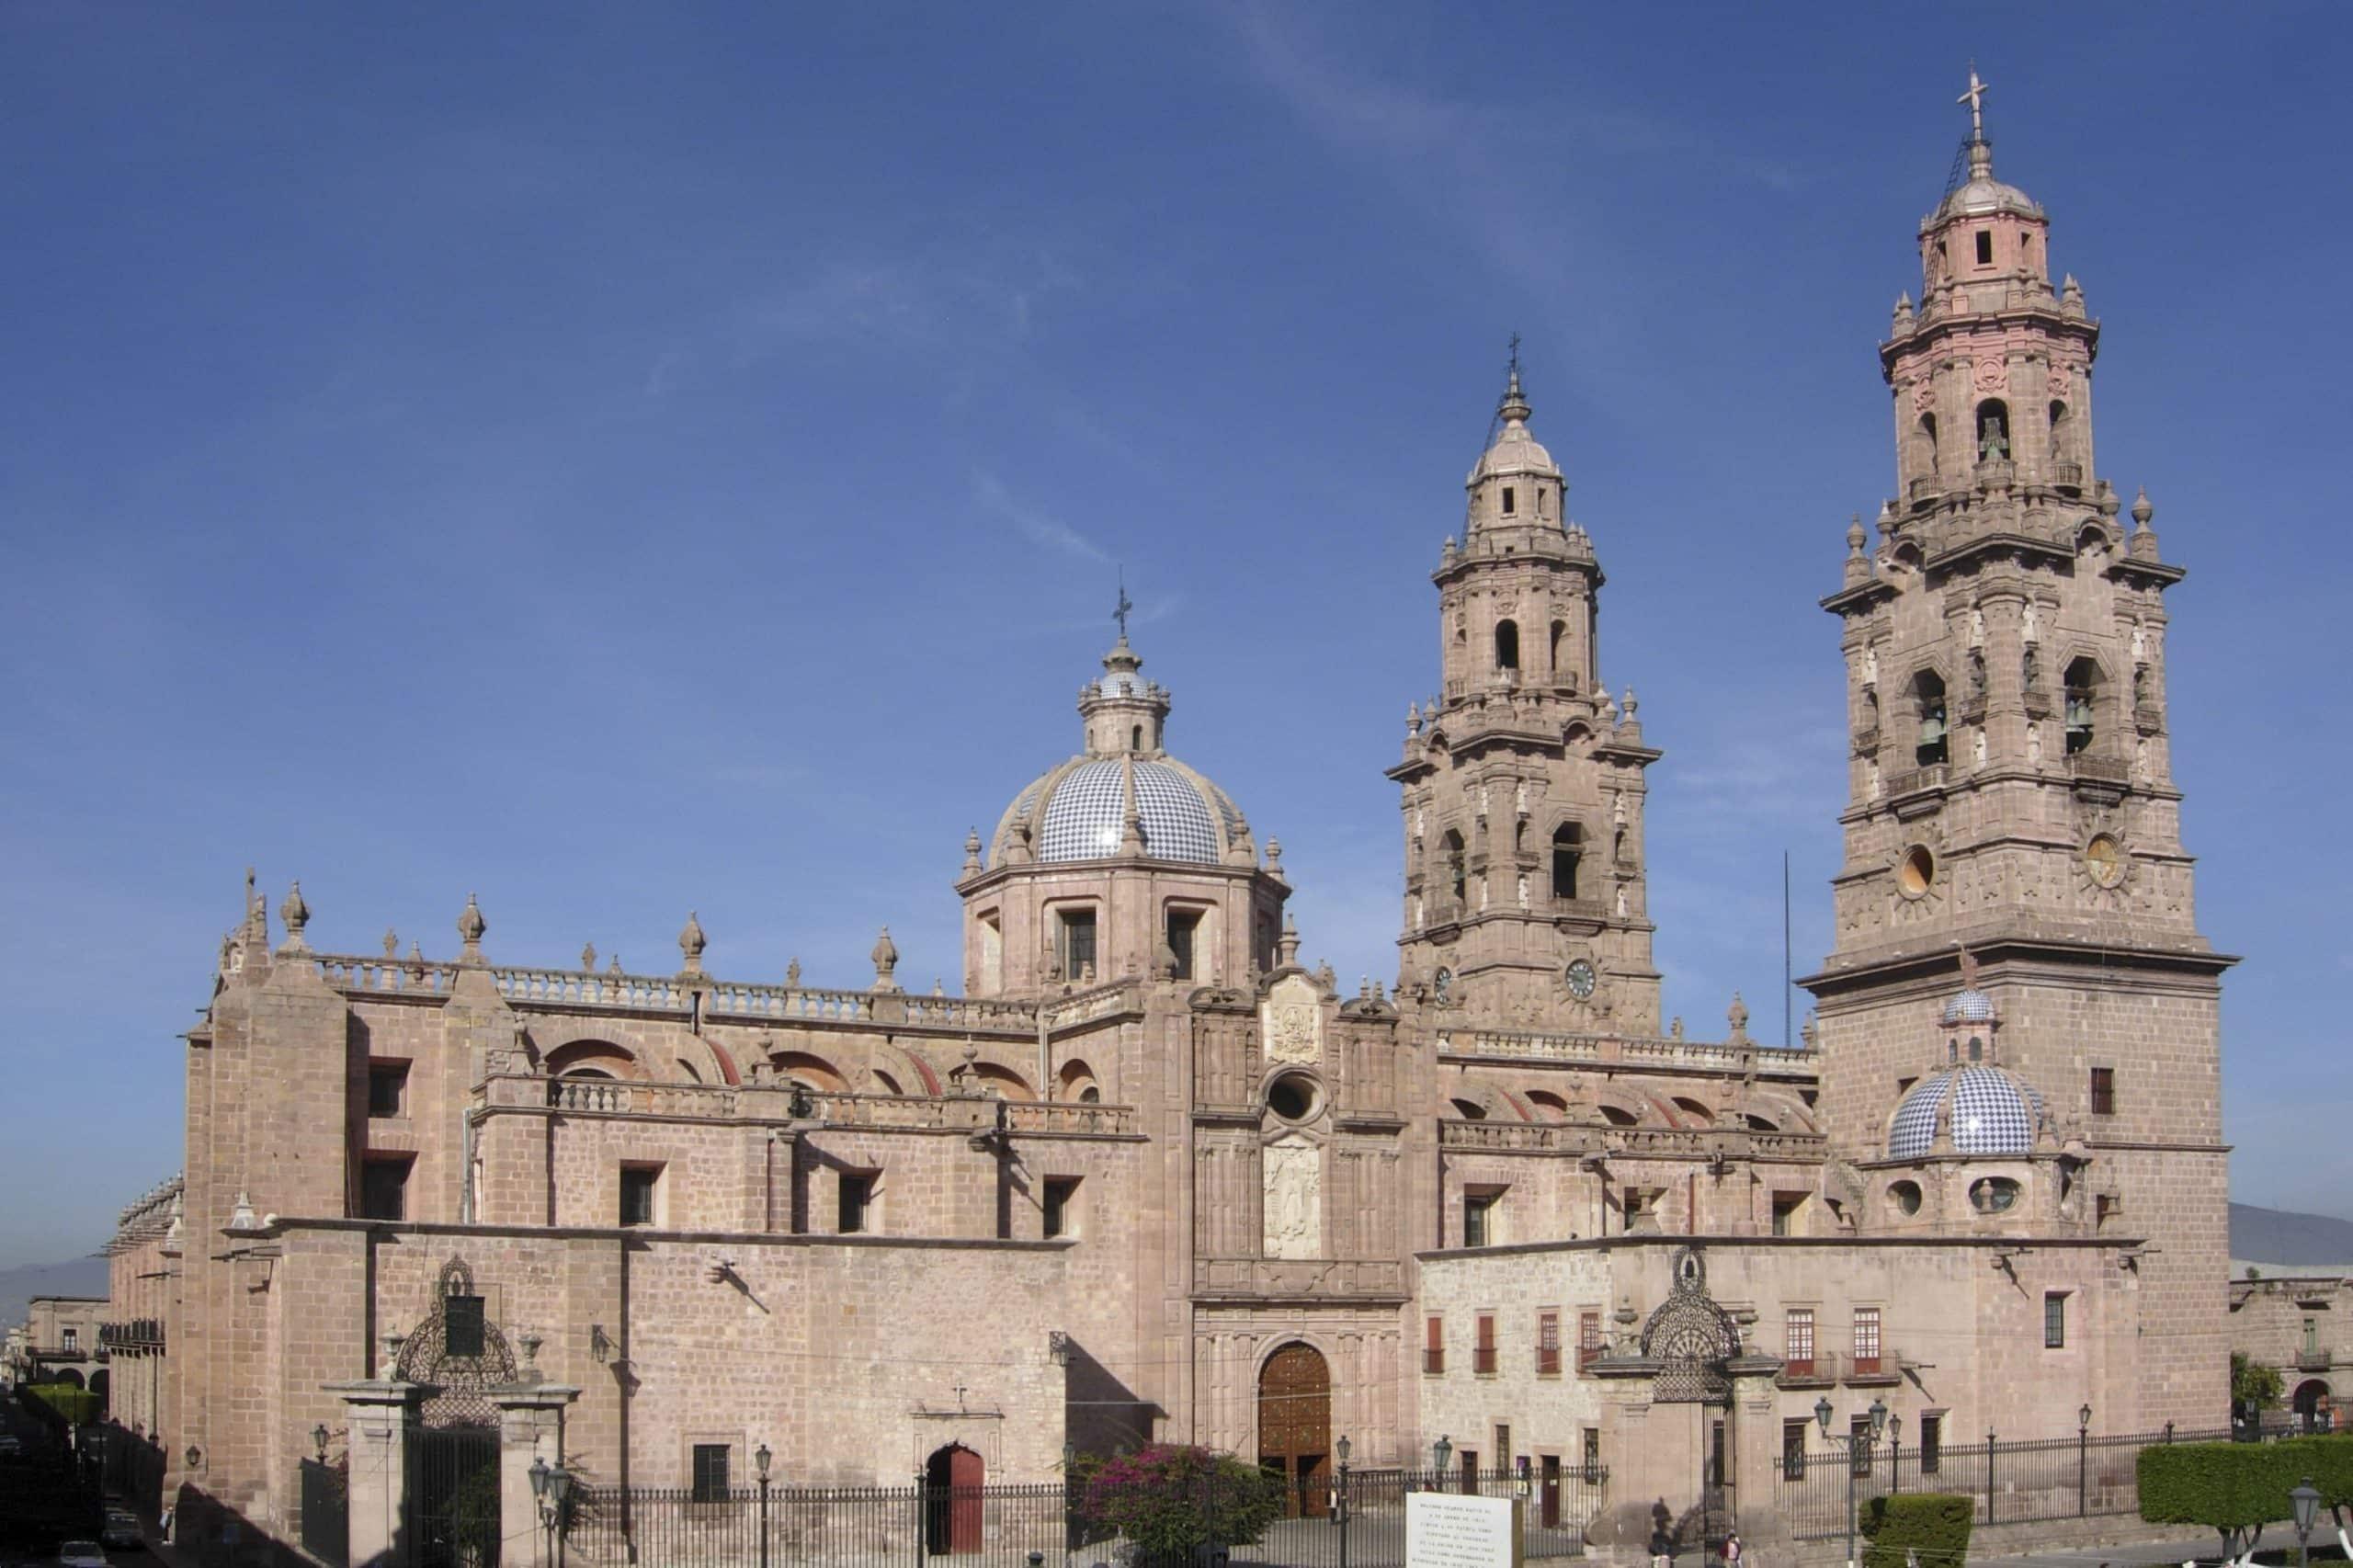 La Catedral de Morelia es una de las edificaciones más representativas de Michoacán.